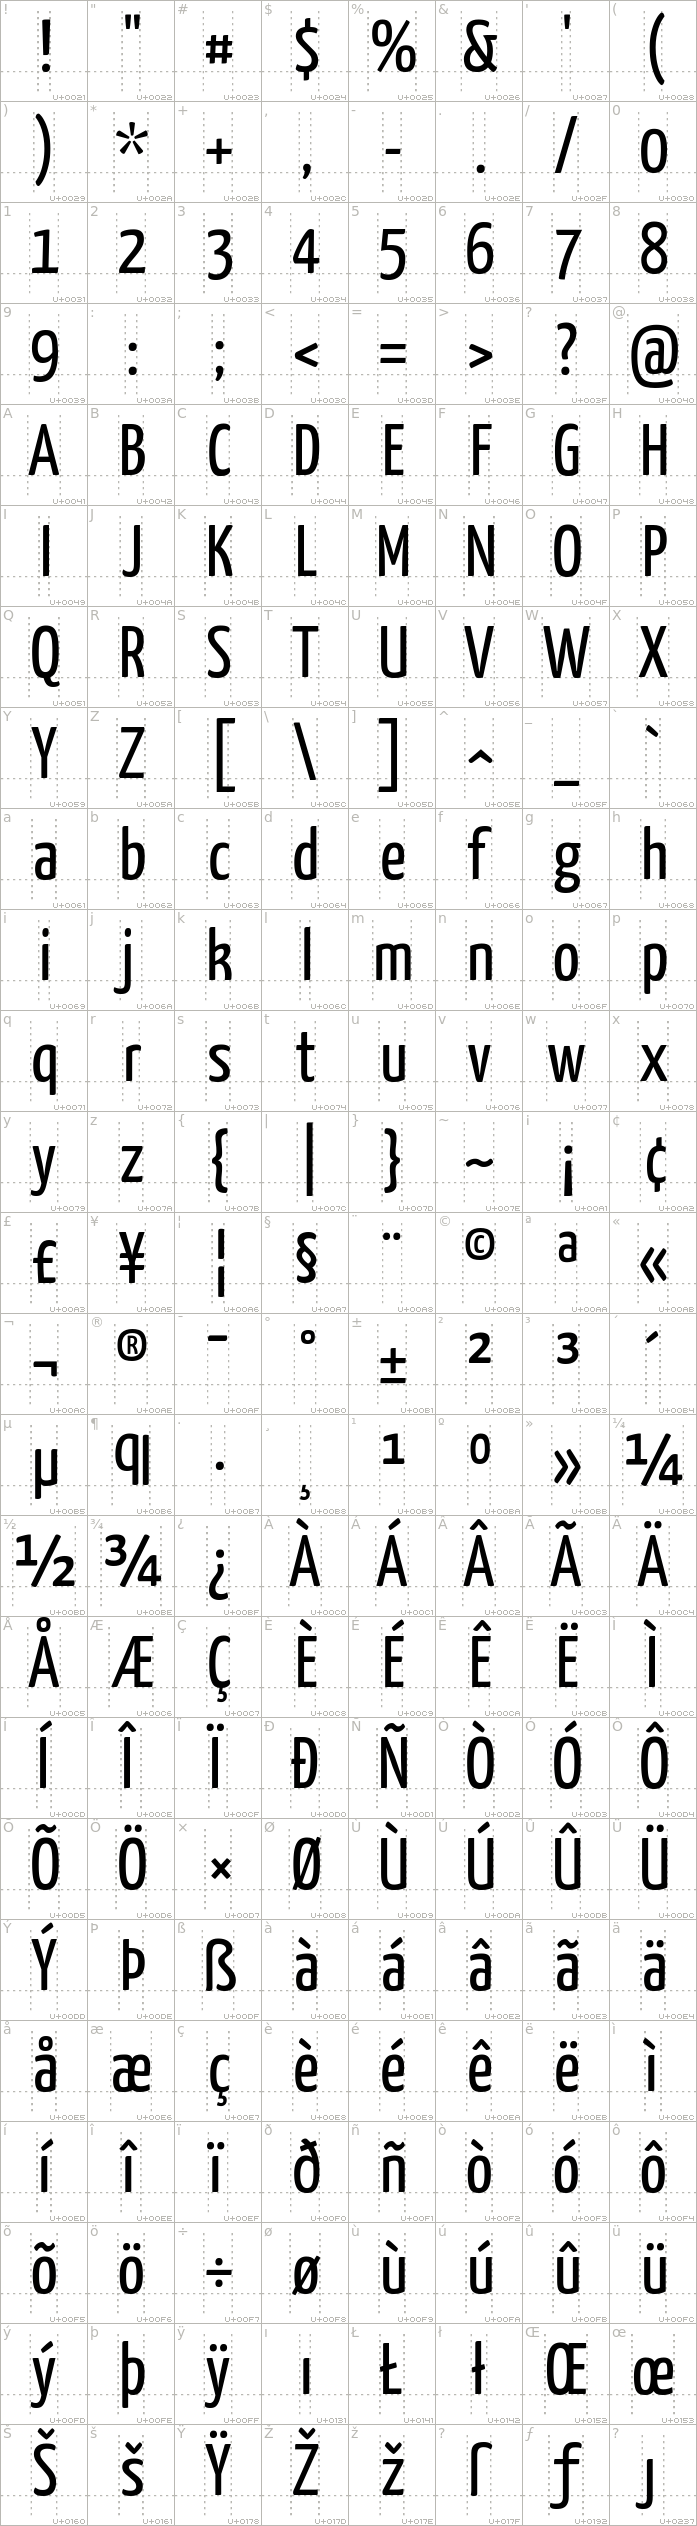 yanone-kaffeesatz.regular.character-map-1